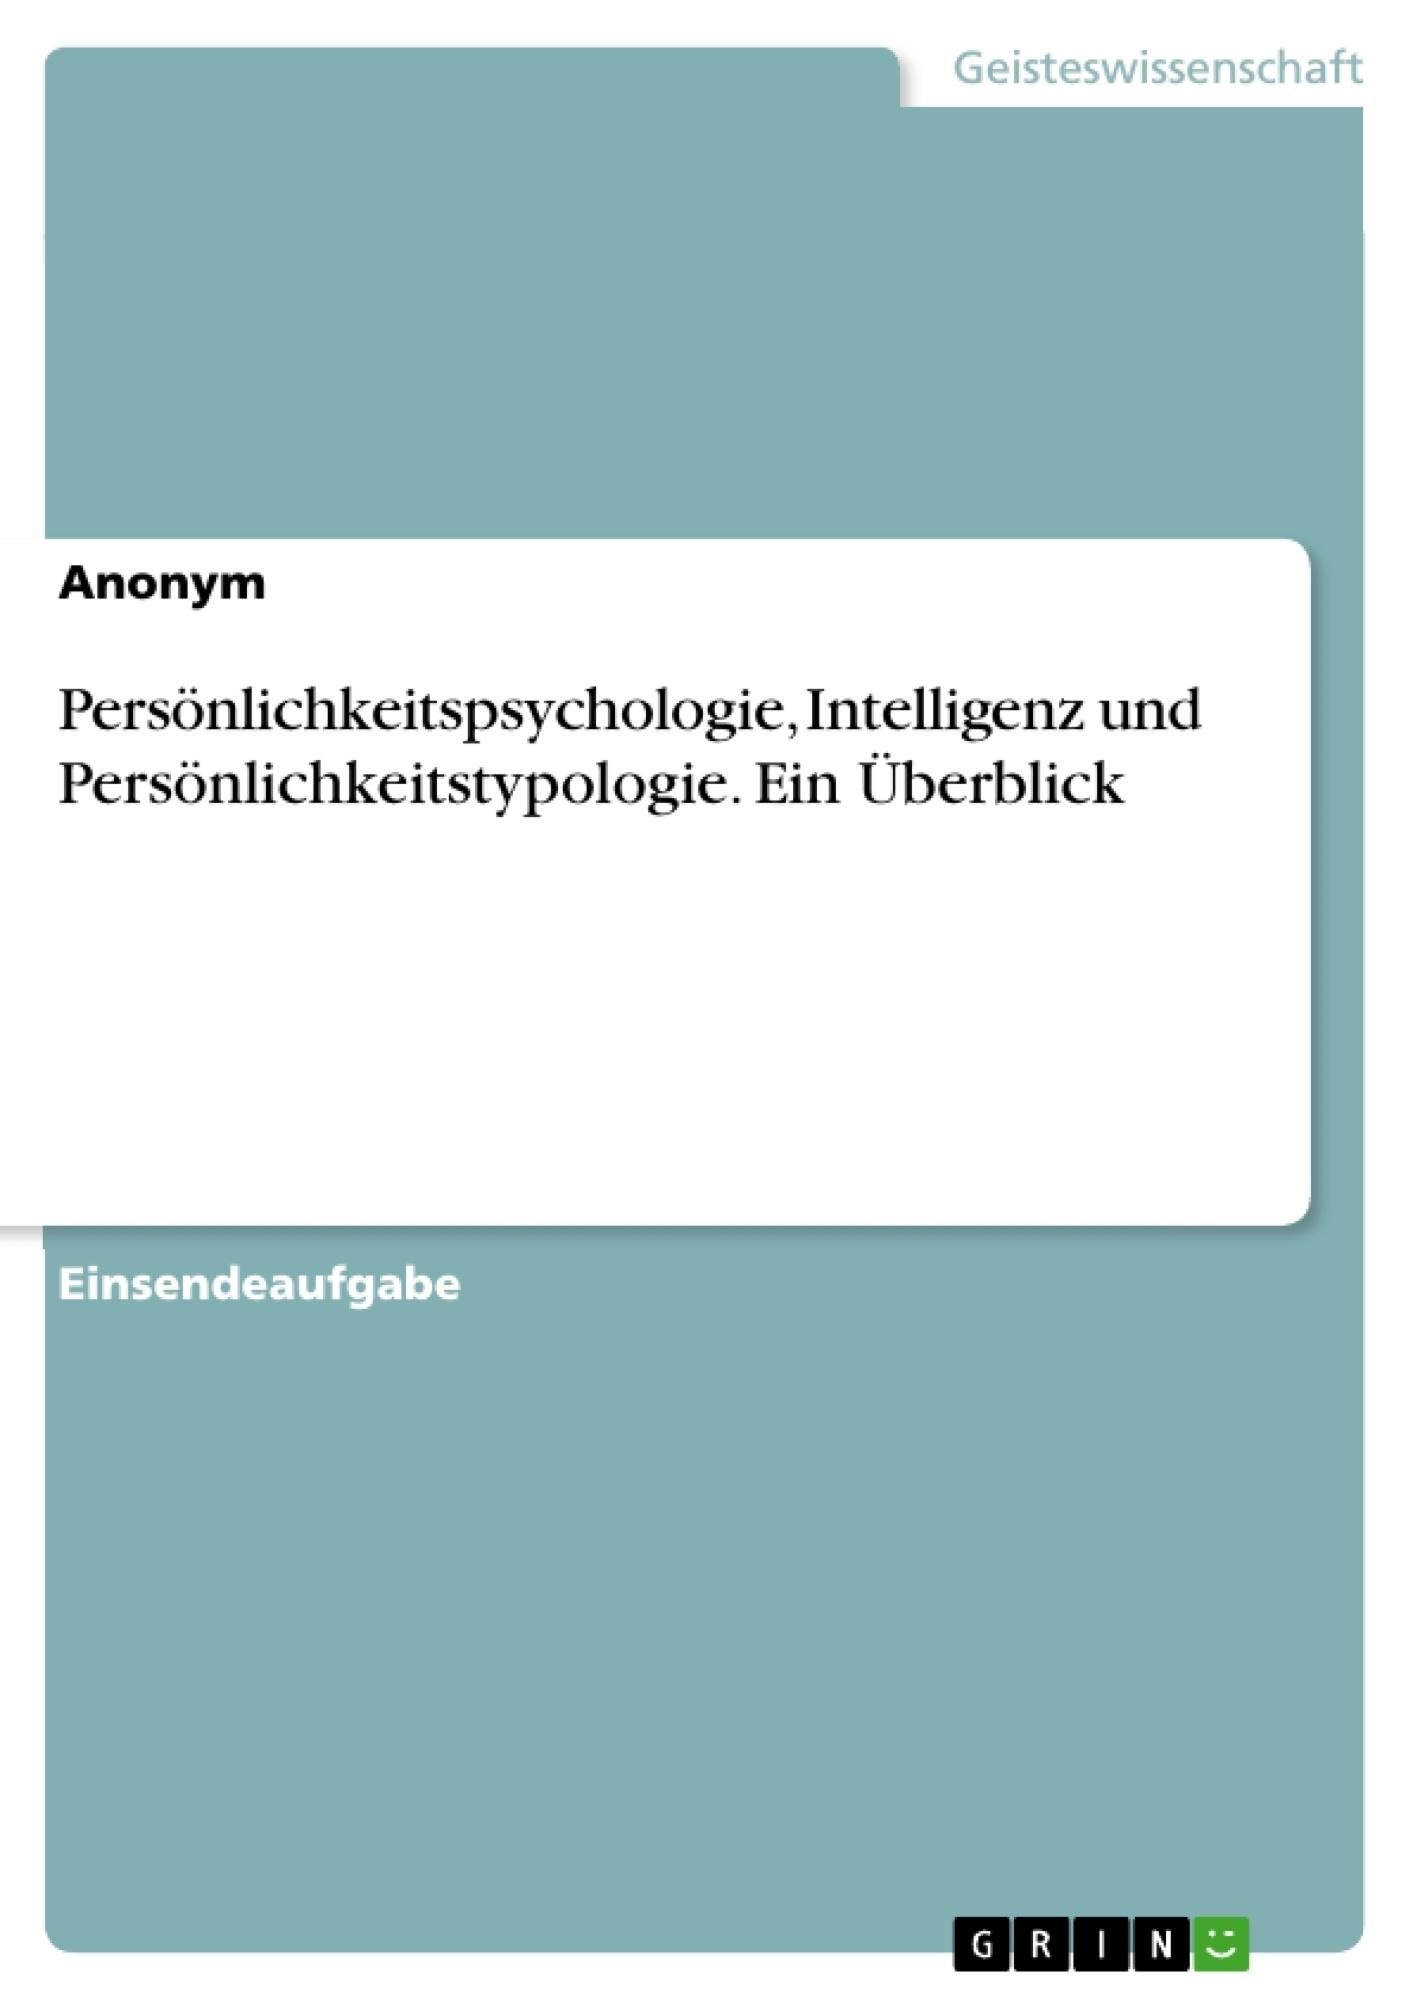 Titel: Persönlichkeitspsychologie, Intelligenz und Persönlichkeitstypologie. Ein Überblick